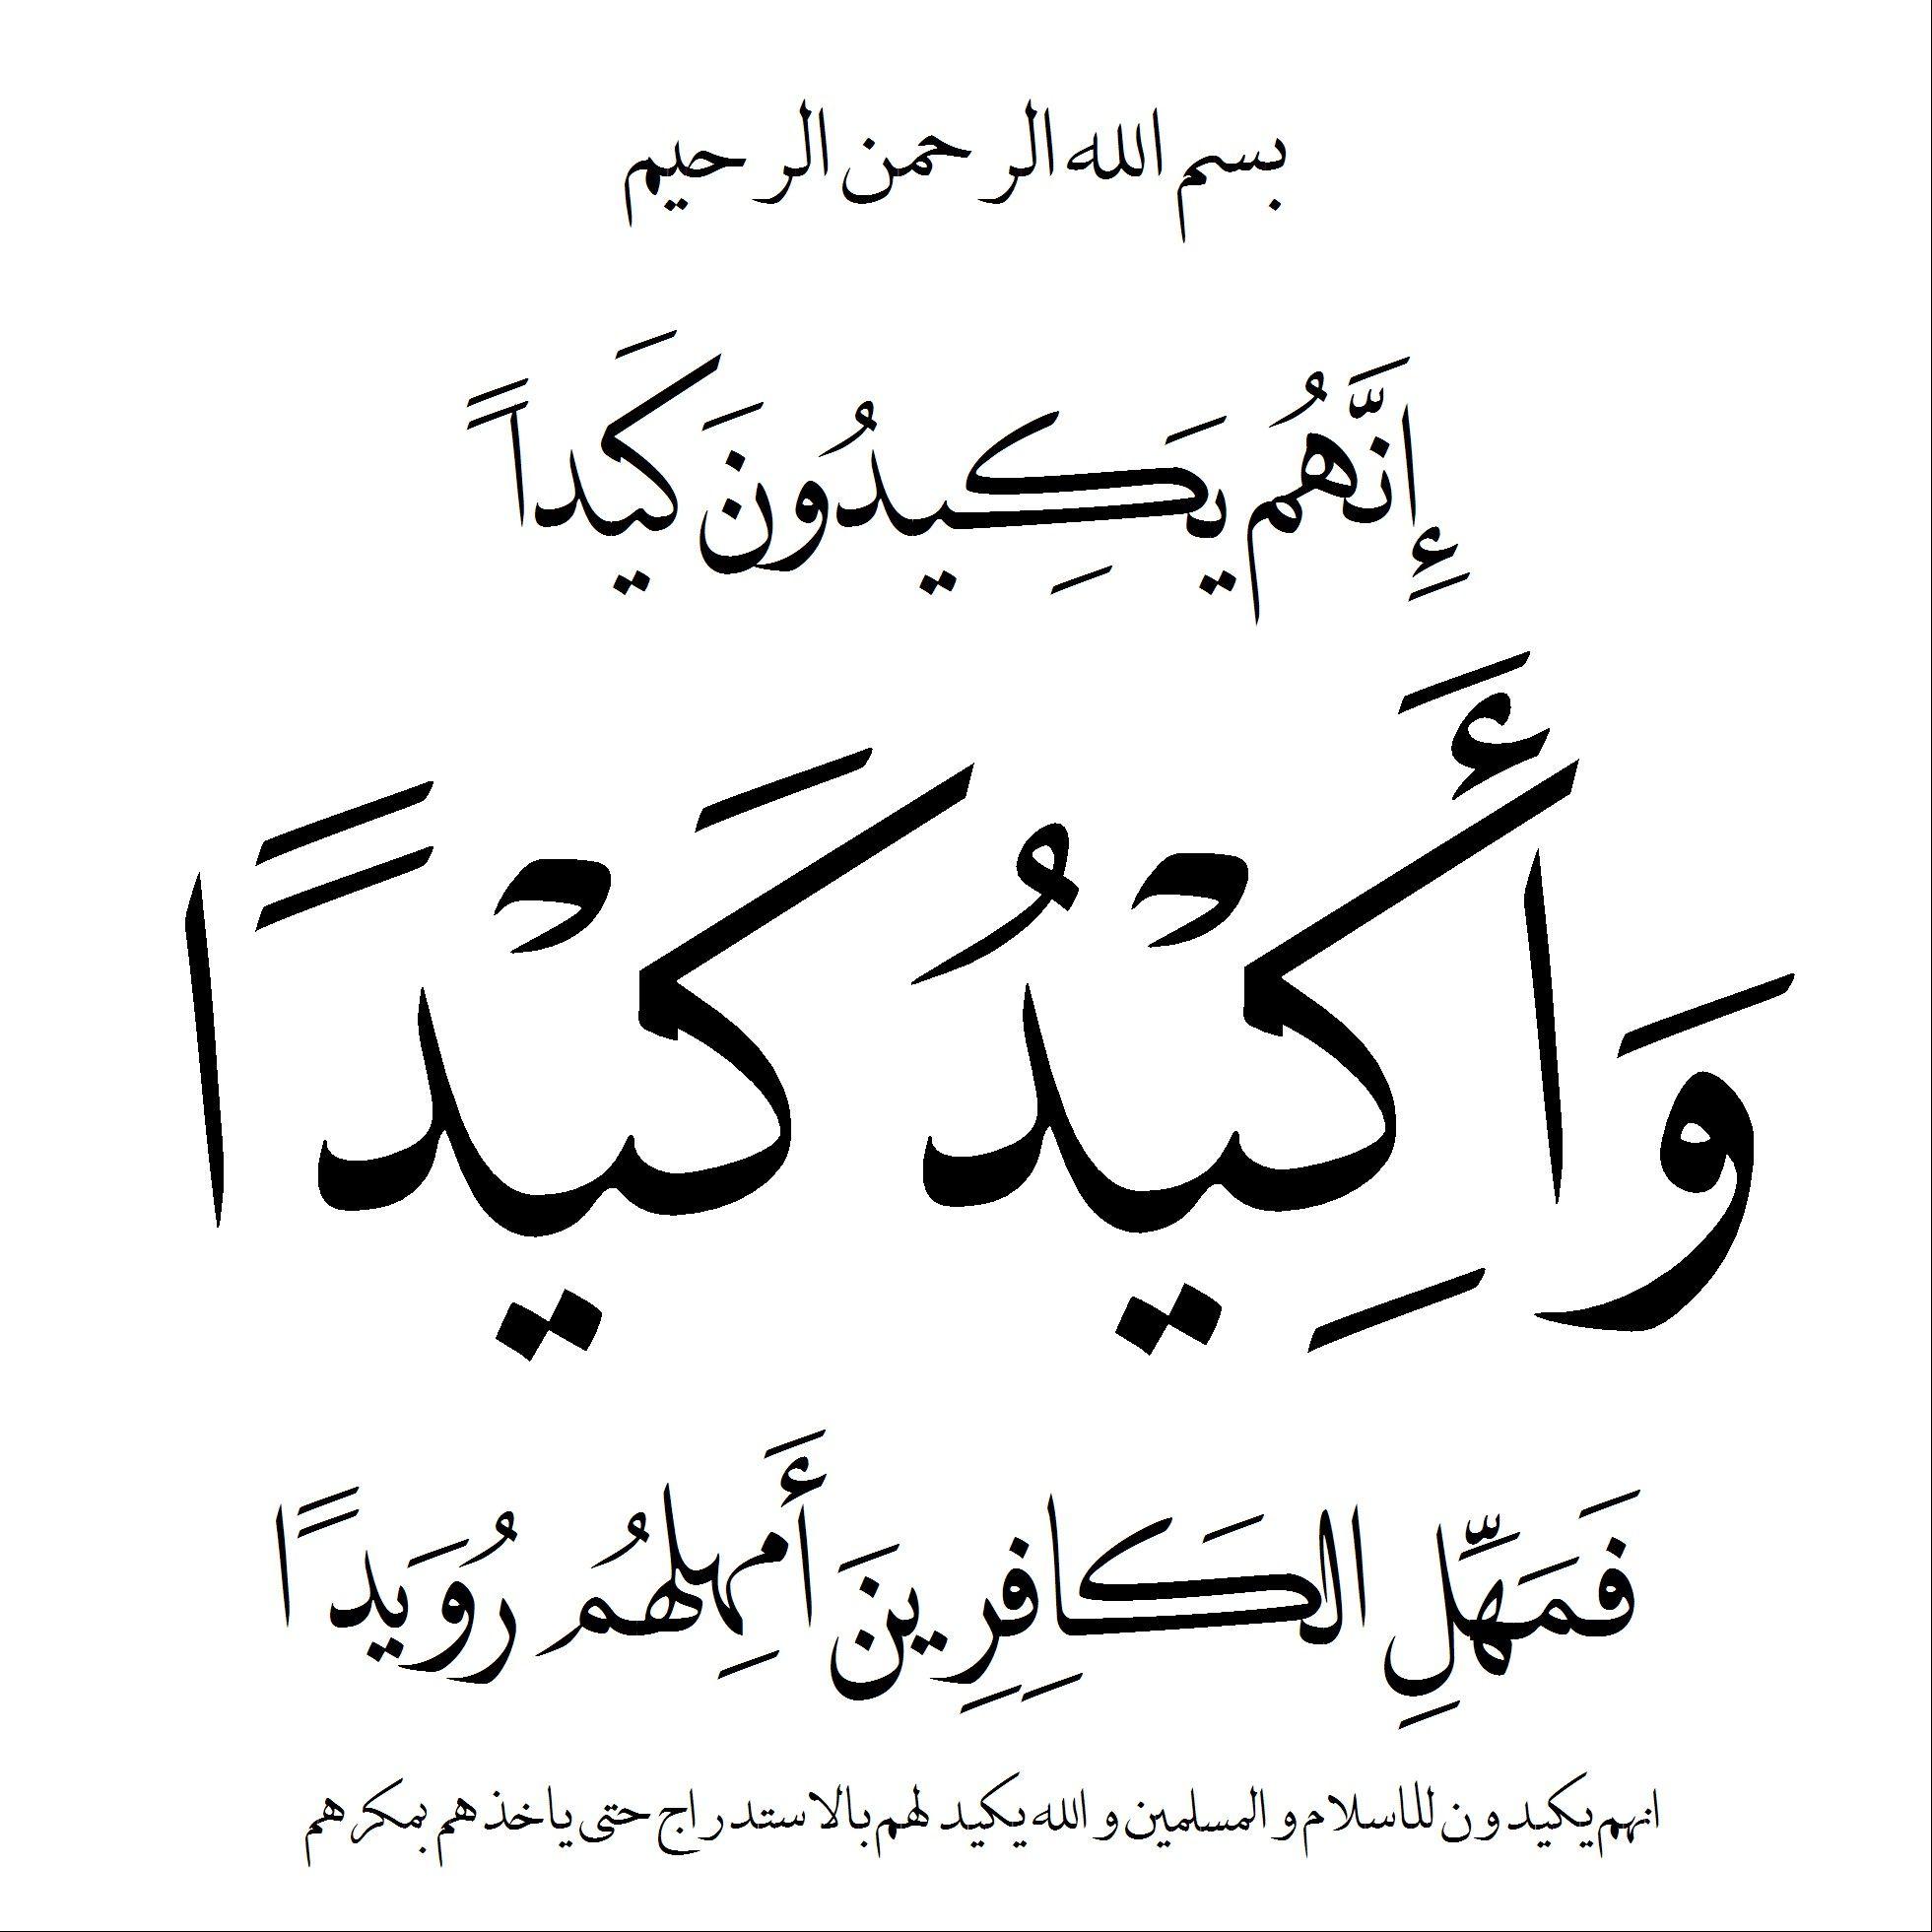 بسم الله الرحمن الرحيم انهم يكيدون كيدا و اكيد كيدا فامهل الكافرين امهلهم رويدا صدق الله العظيم Quran Verses Quran Quotes Quotes